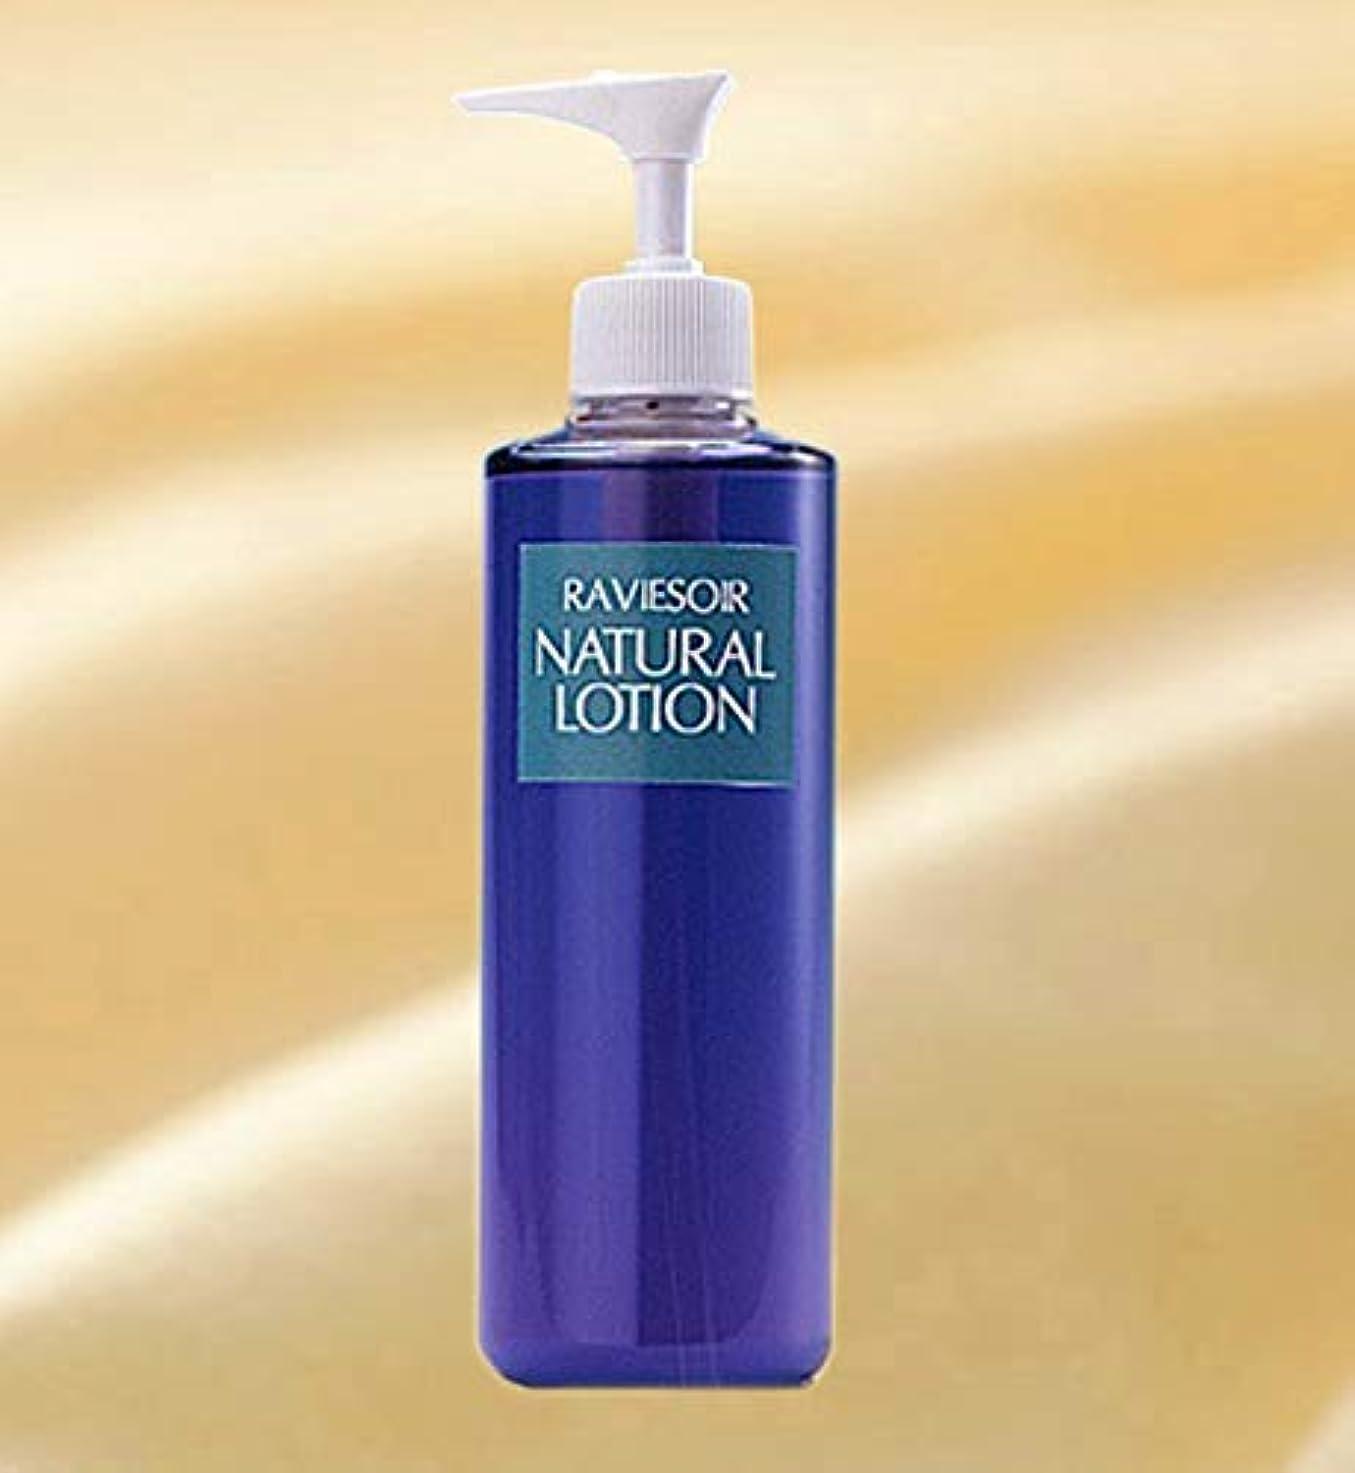 むちゃくちゃ雨耕すラヴィソワール ナチュラルローション(250ml)Raviesoir Natural Lotion